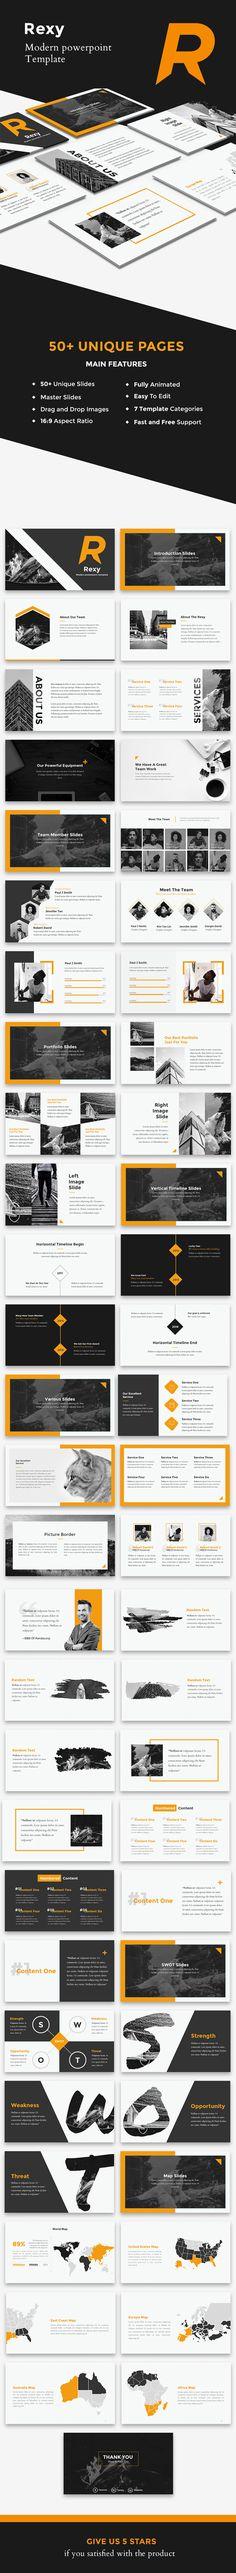 Rexy - Modern PowerPoint Template